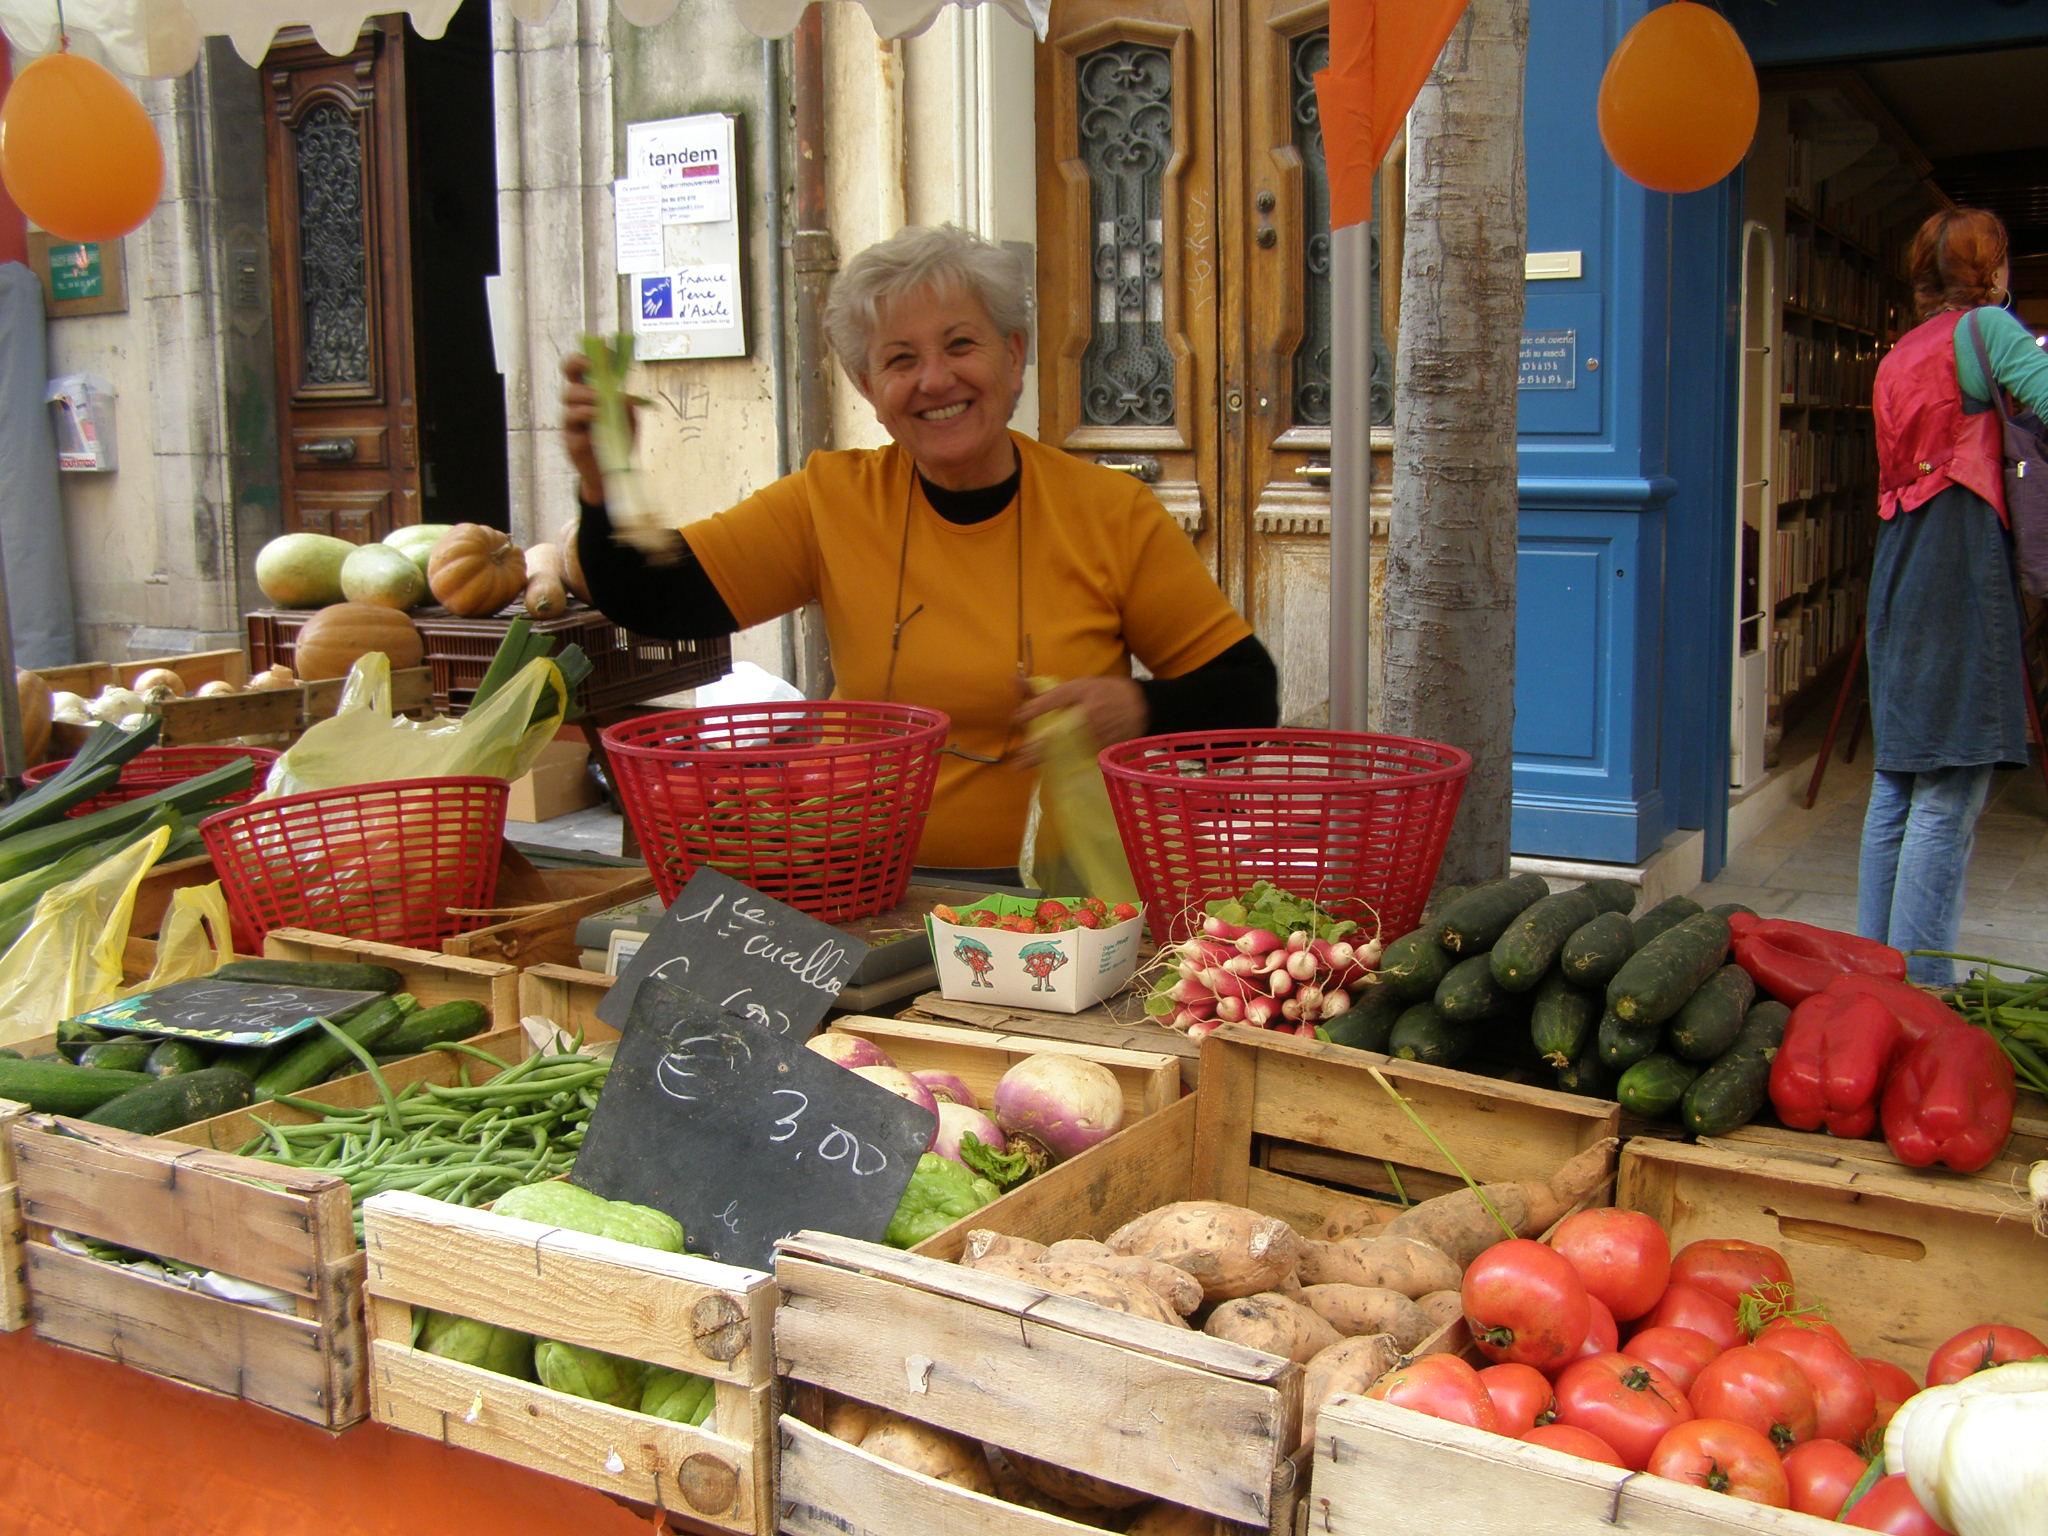 vendeuse de légumes sur marché MPP